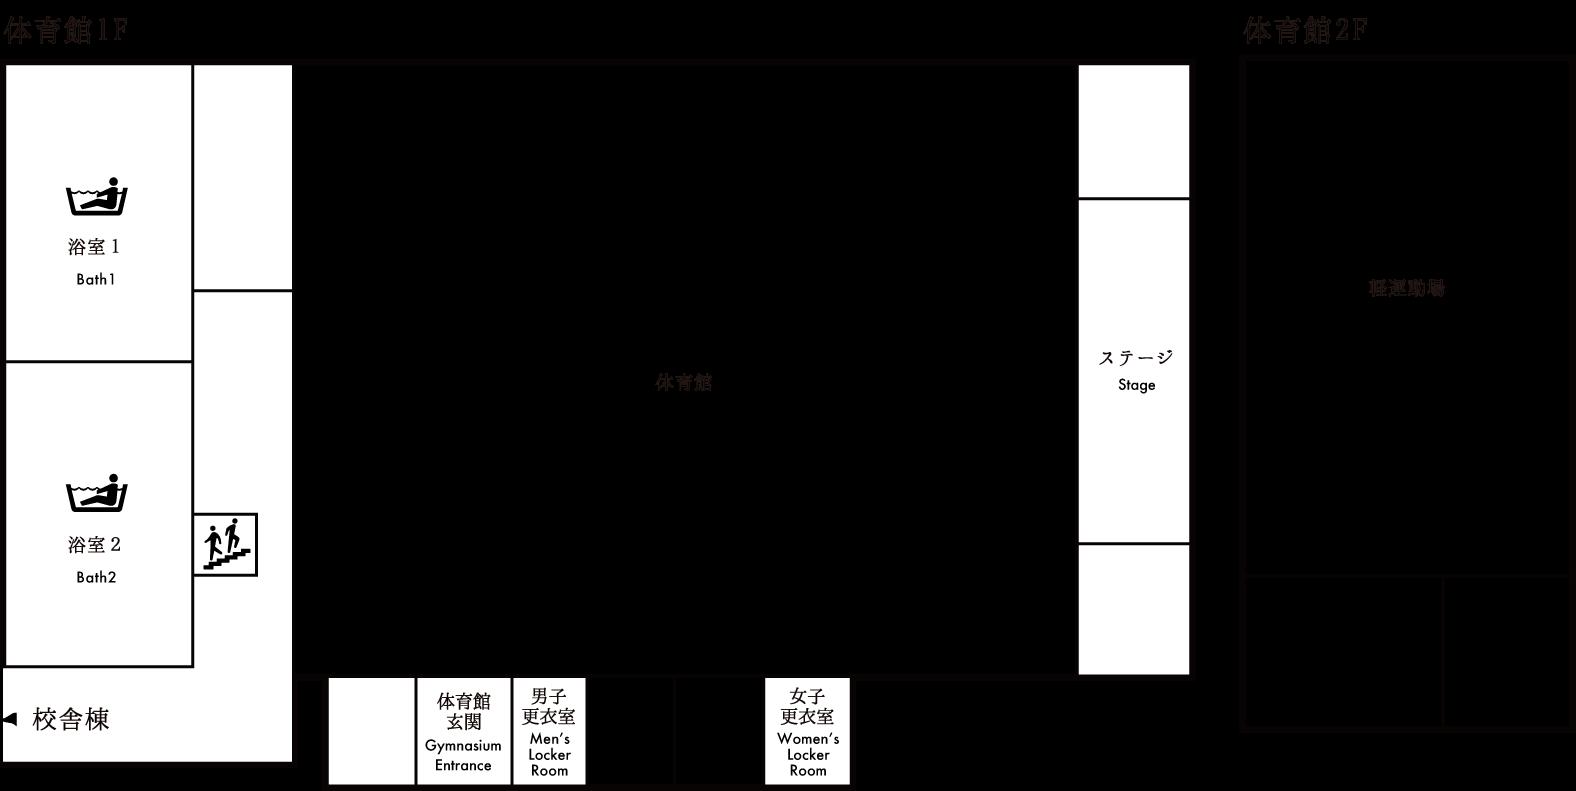 館内マップ 体育館棟 画像